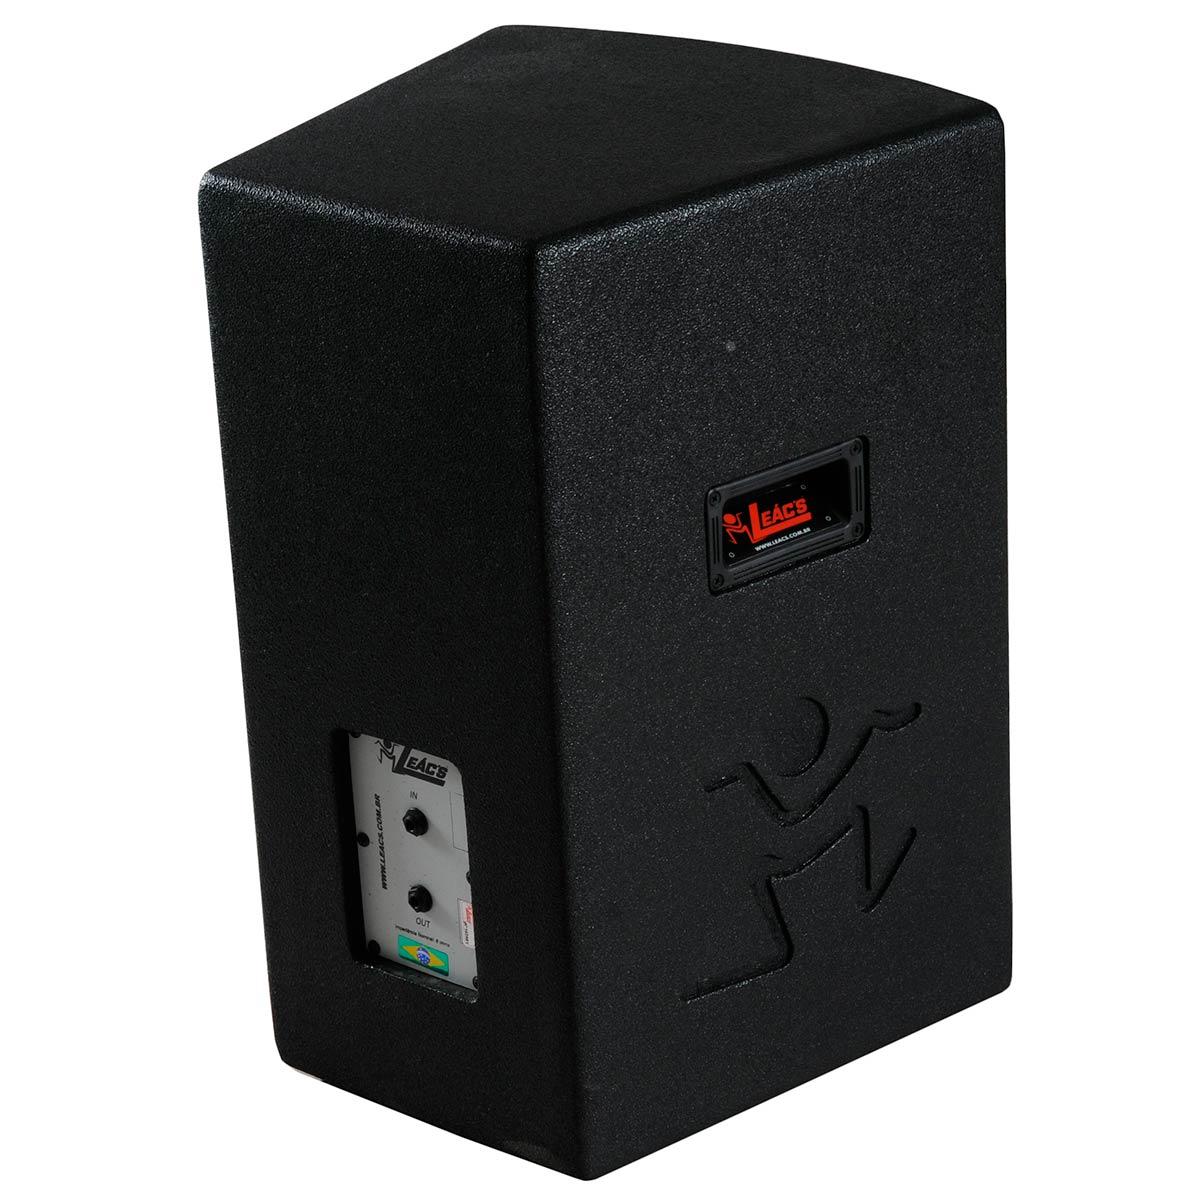 Caixa Passiva Fal 12 Pol 120W - Happy 12 (2 Vias) Leacs